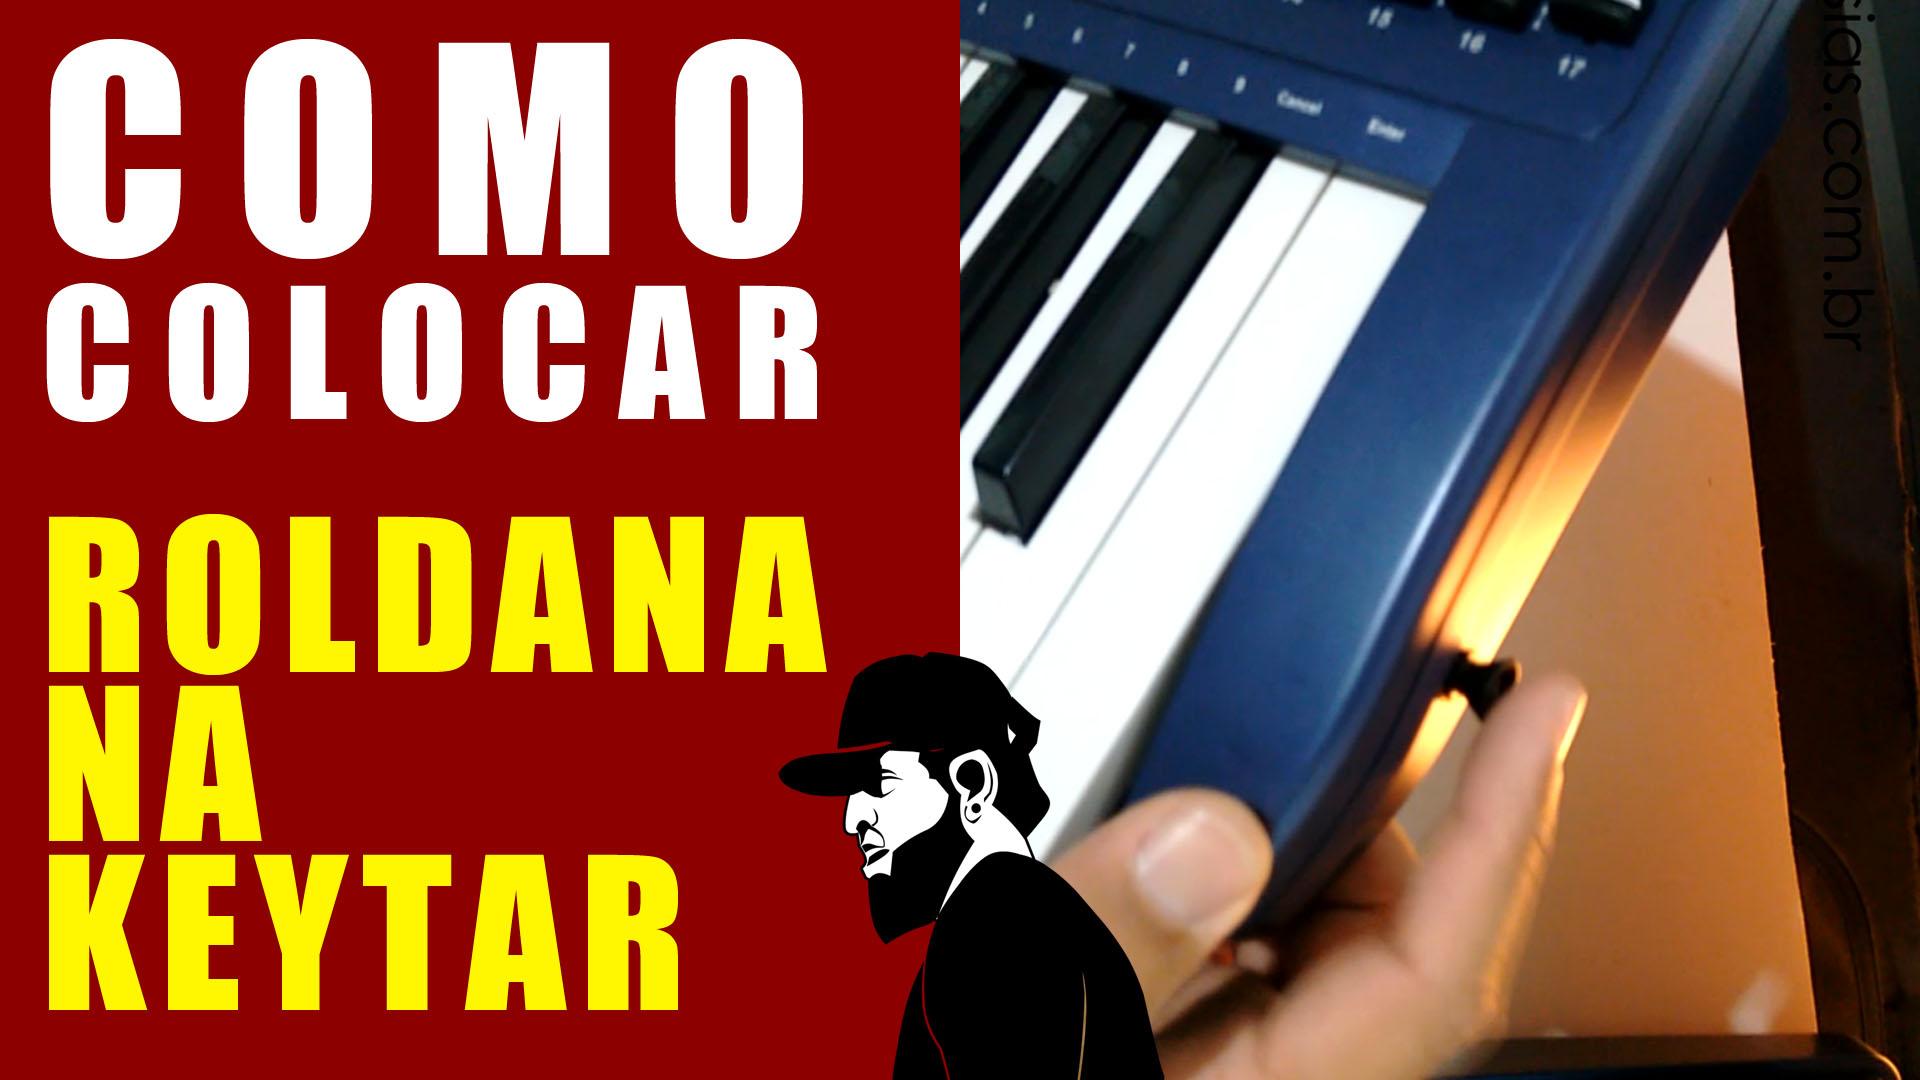 Como Colocar Roldanas – Keytar | Teclado Musical Mais Barato #14